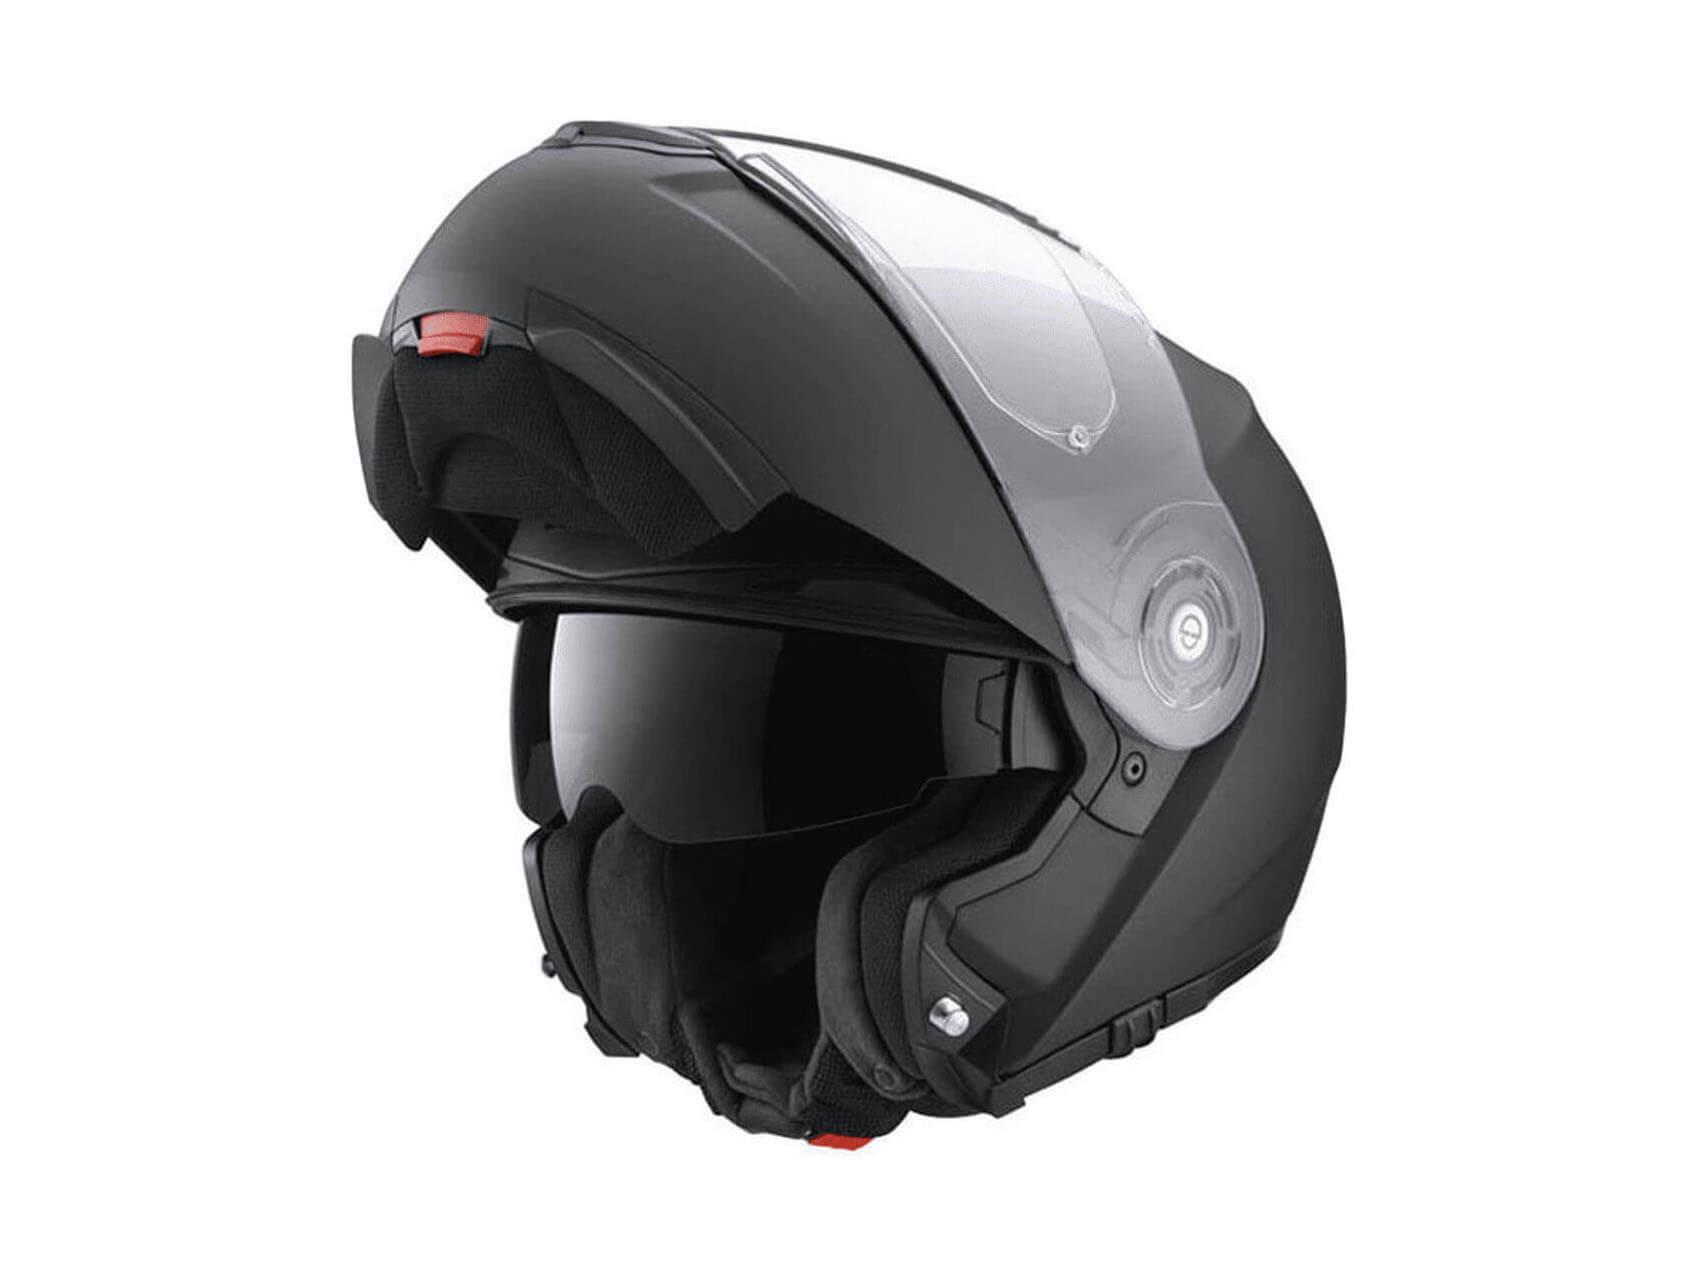 Schuberth C3 Pro Helmet Review